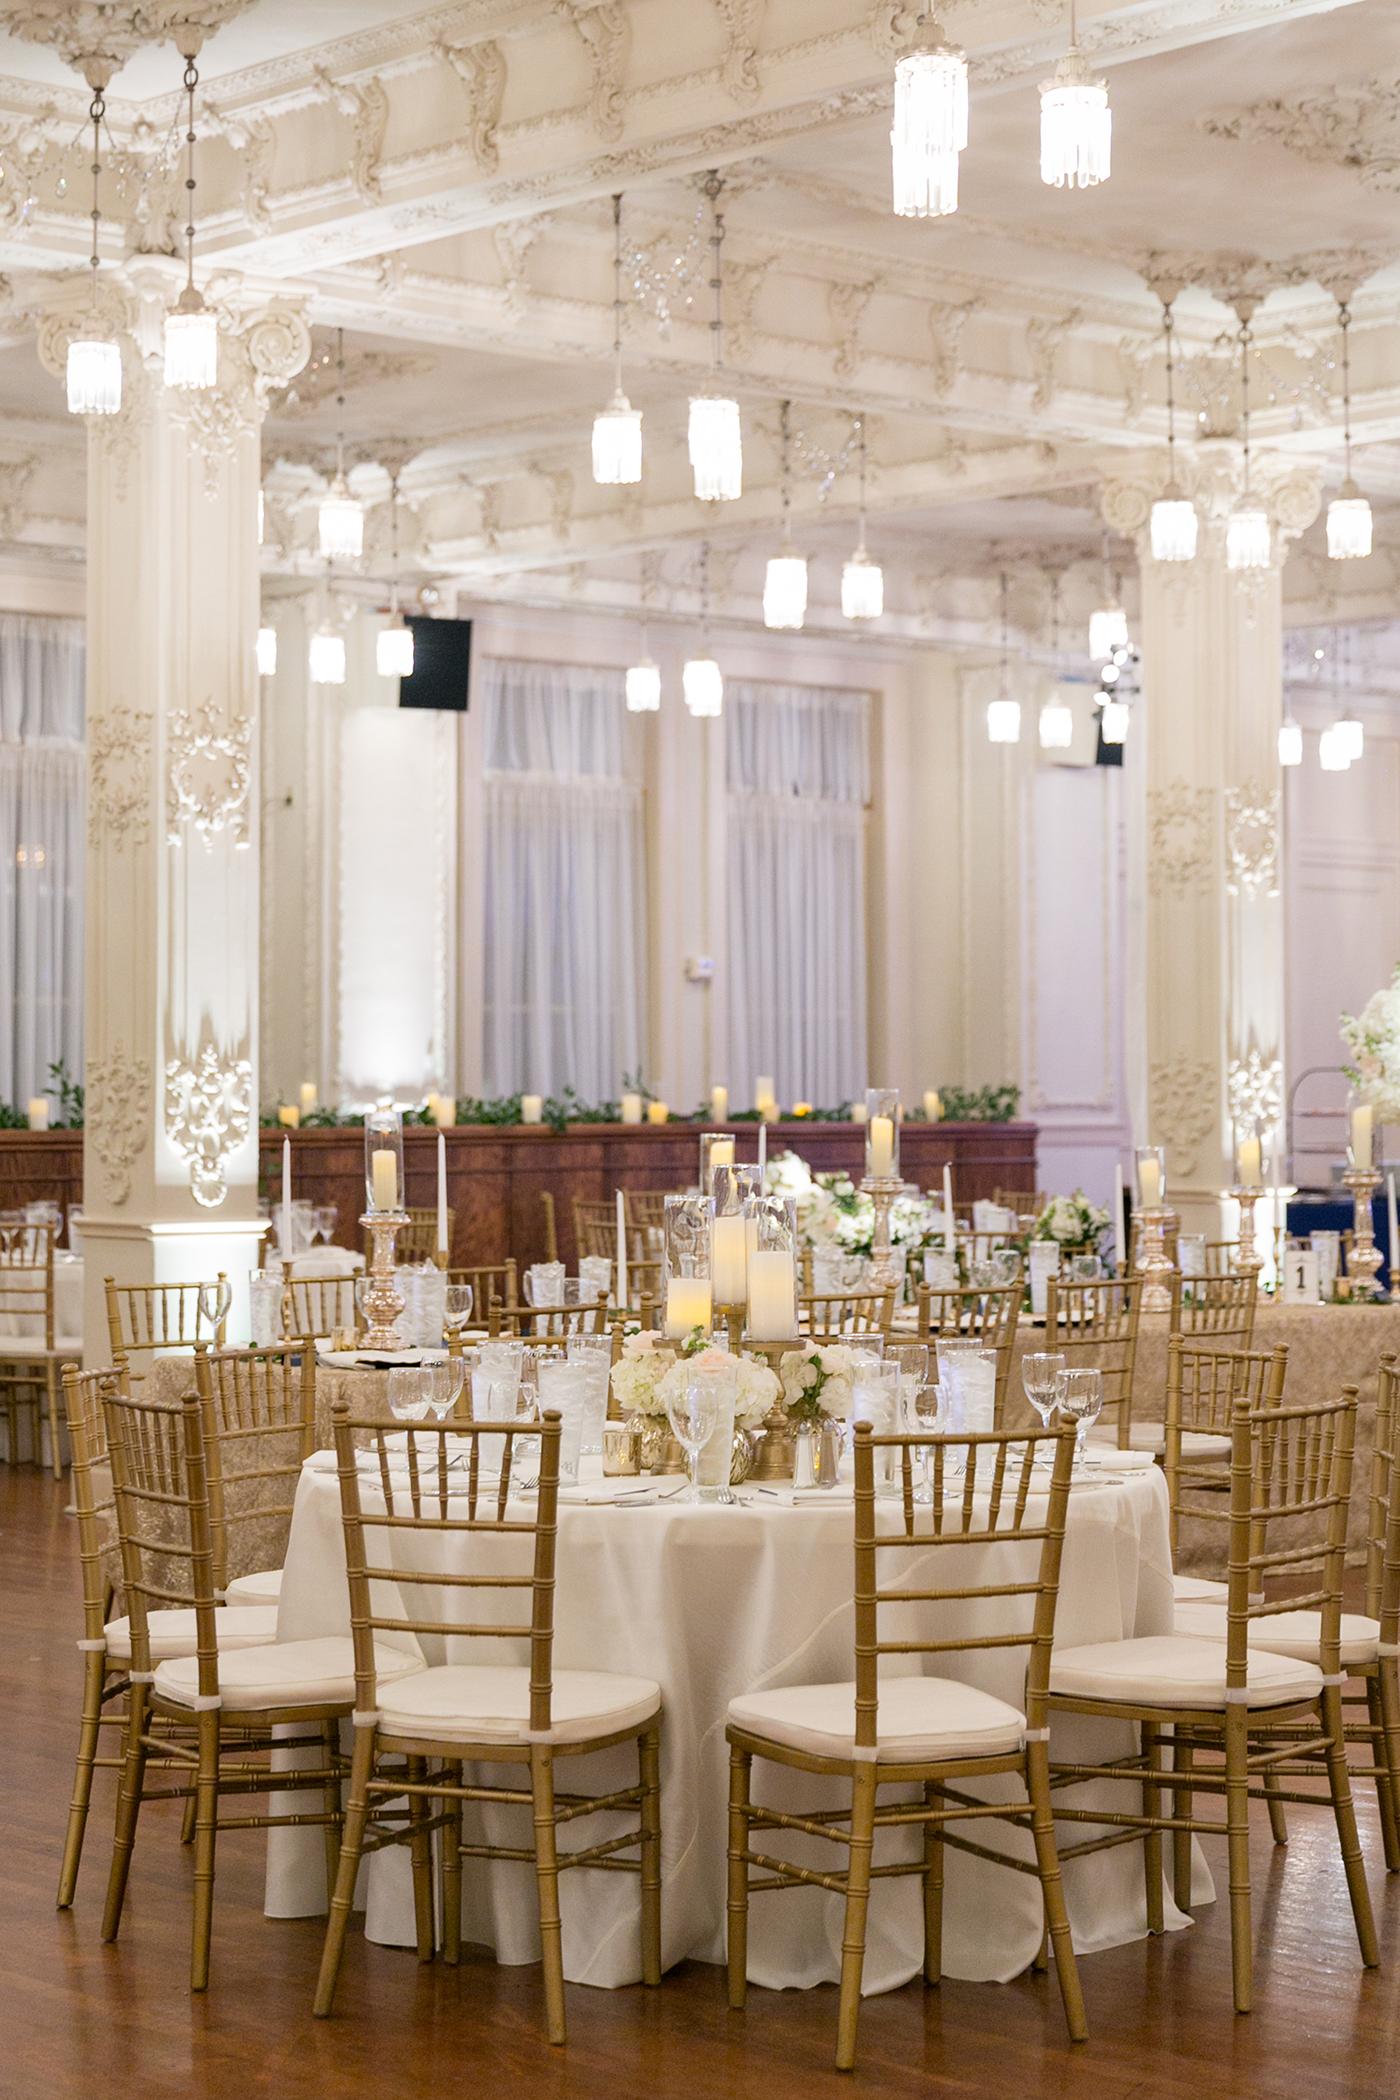 Dallas Wedding Planner - Allday Events - Classic Wedding at Dallas Scottish Rite - 105.jpg